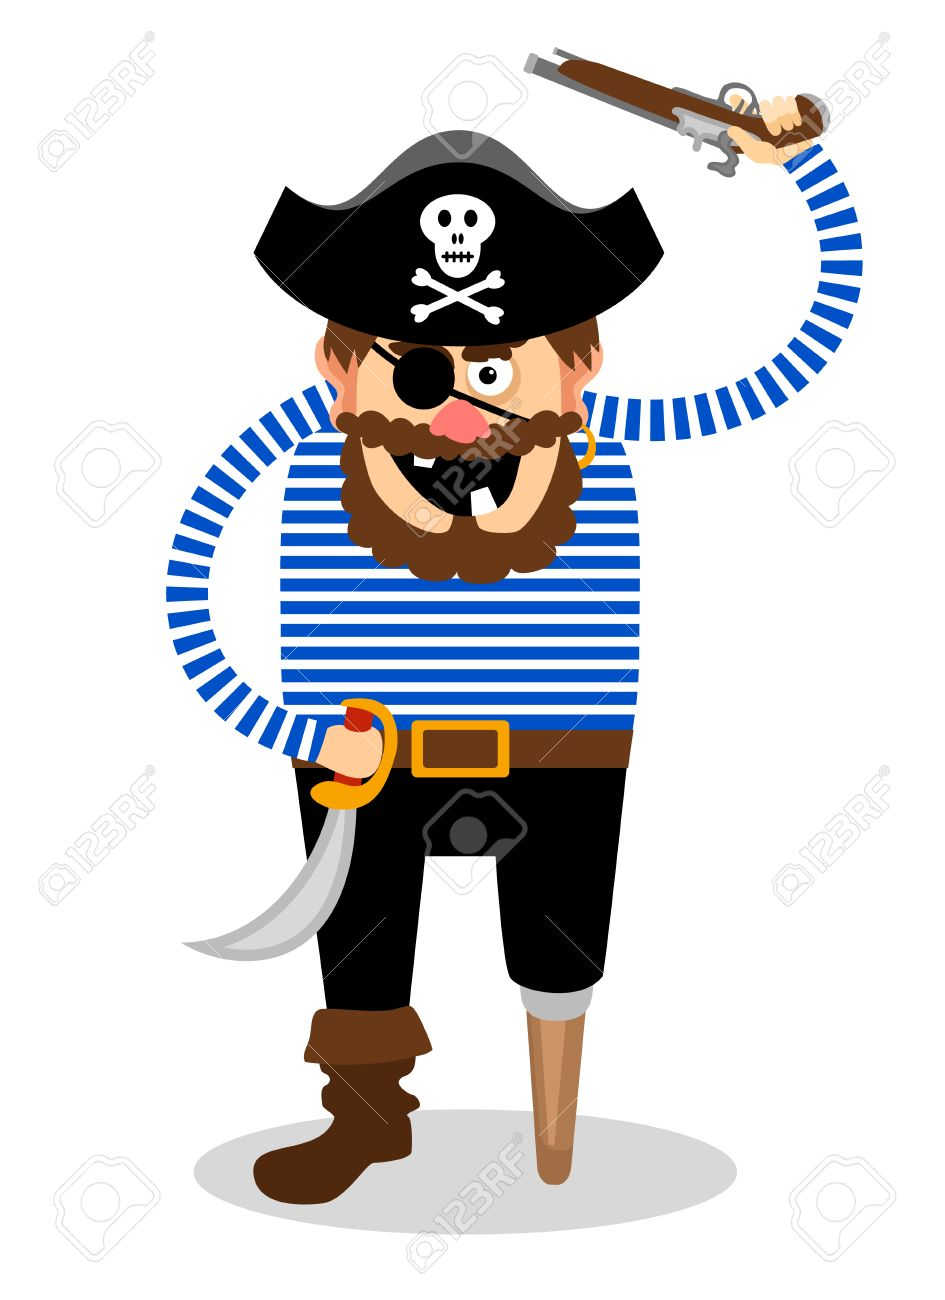 картинки пираты на прозрачном фоне производители термобелья